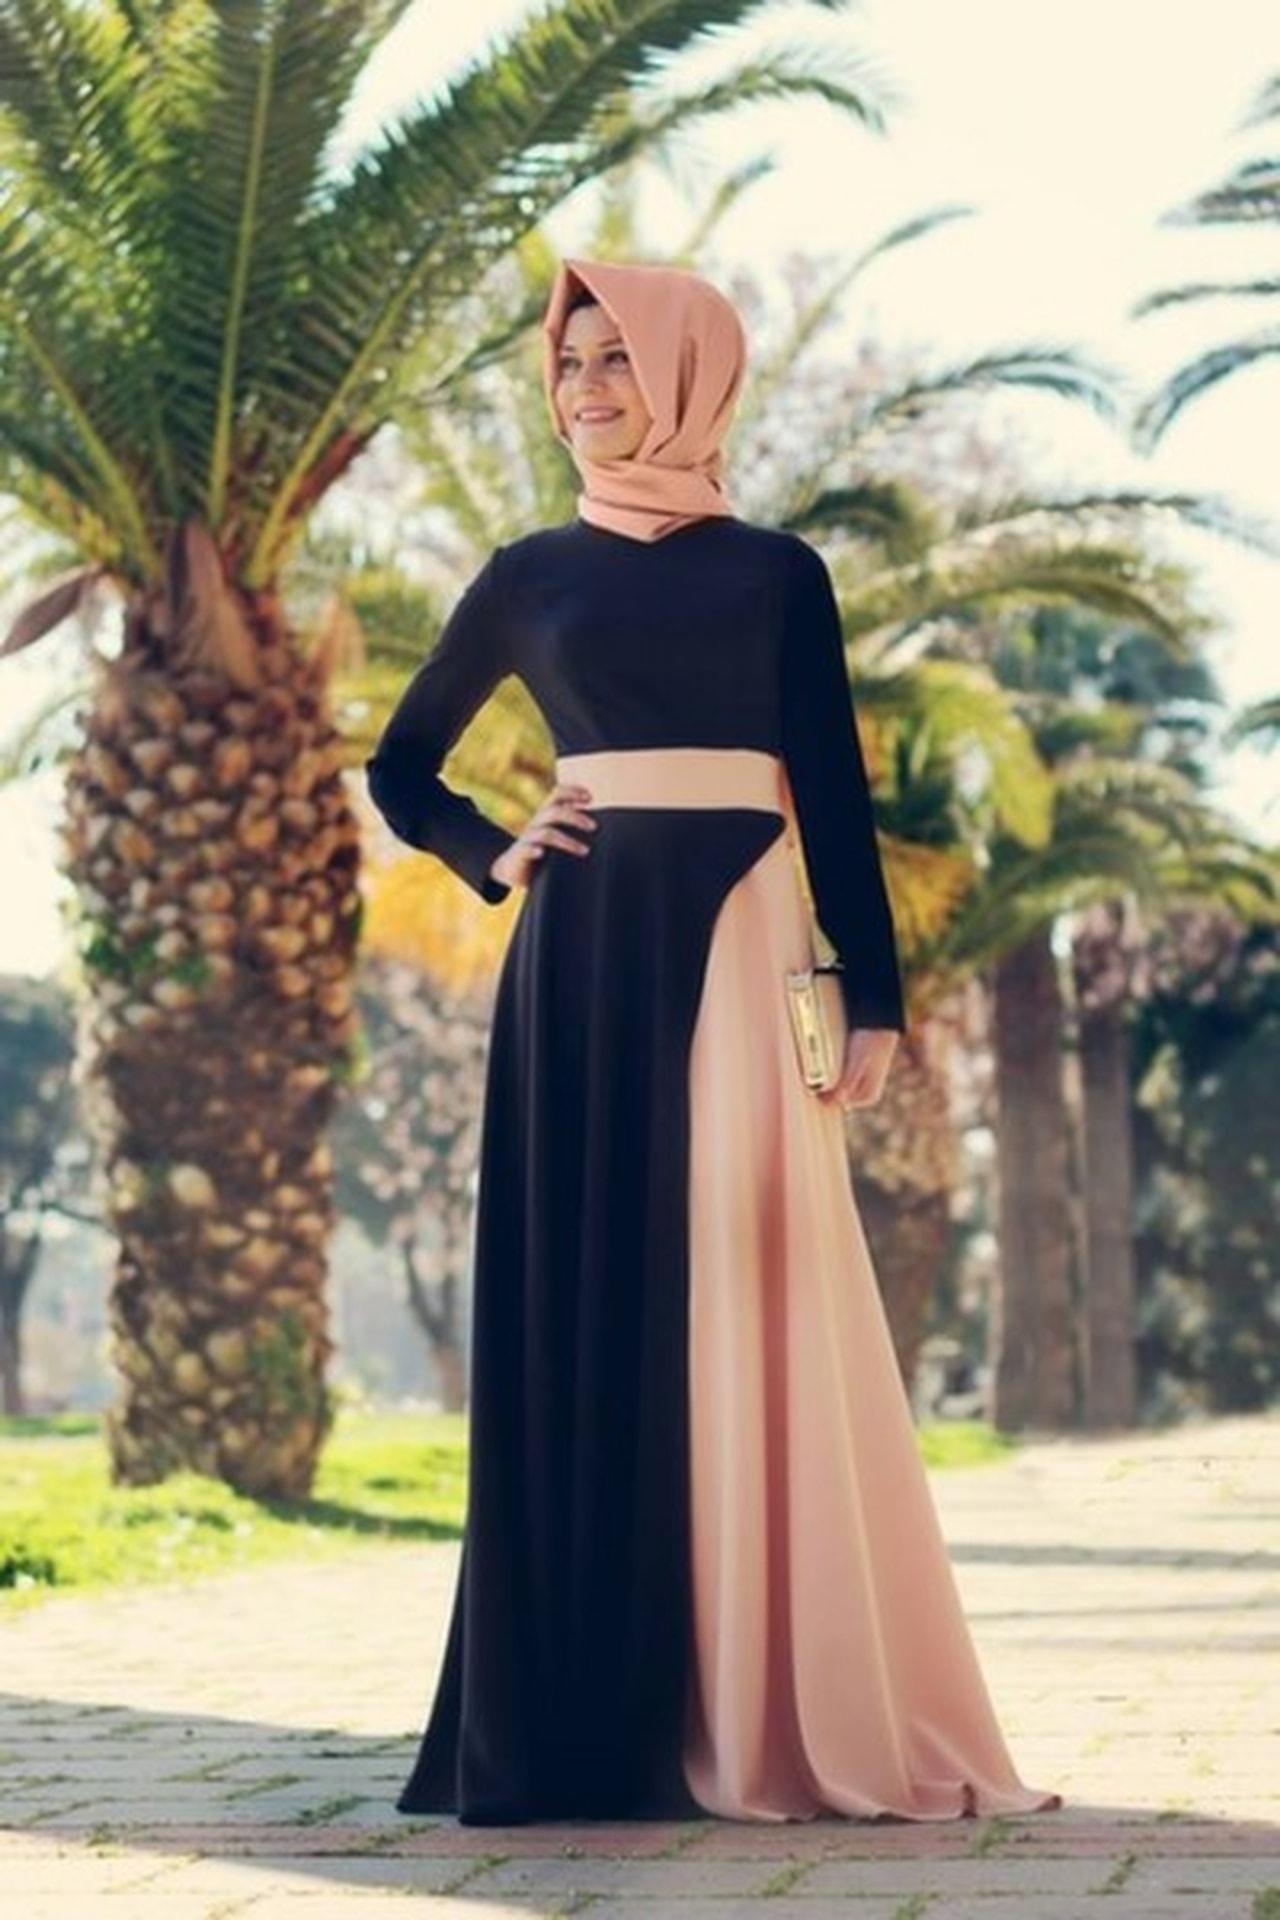 بالصور ملابس تركية للمحجبات , بالصور احلى ملابس تركيه للمحجبات 206 8